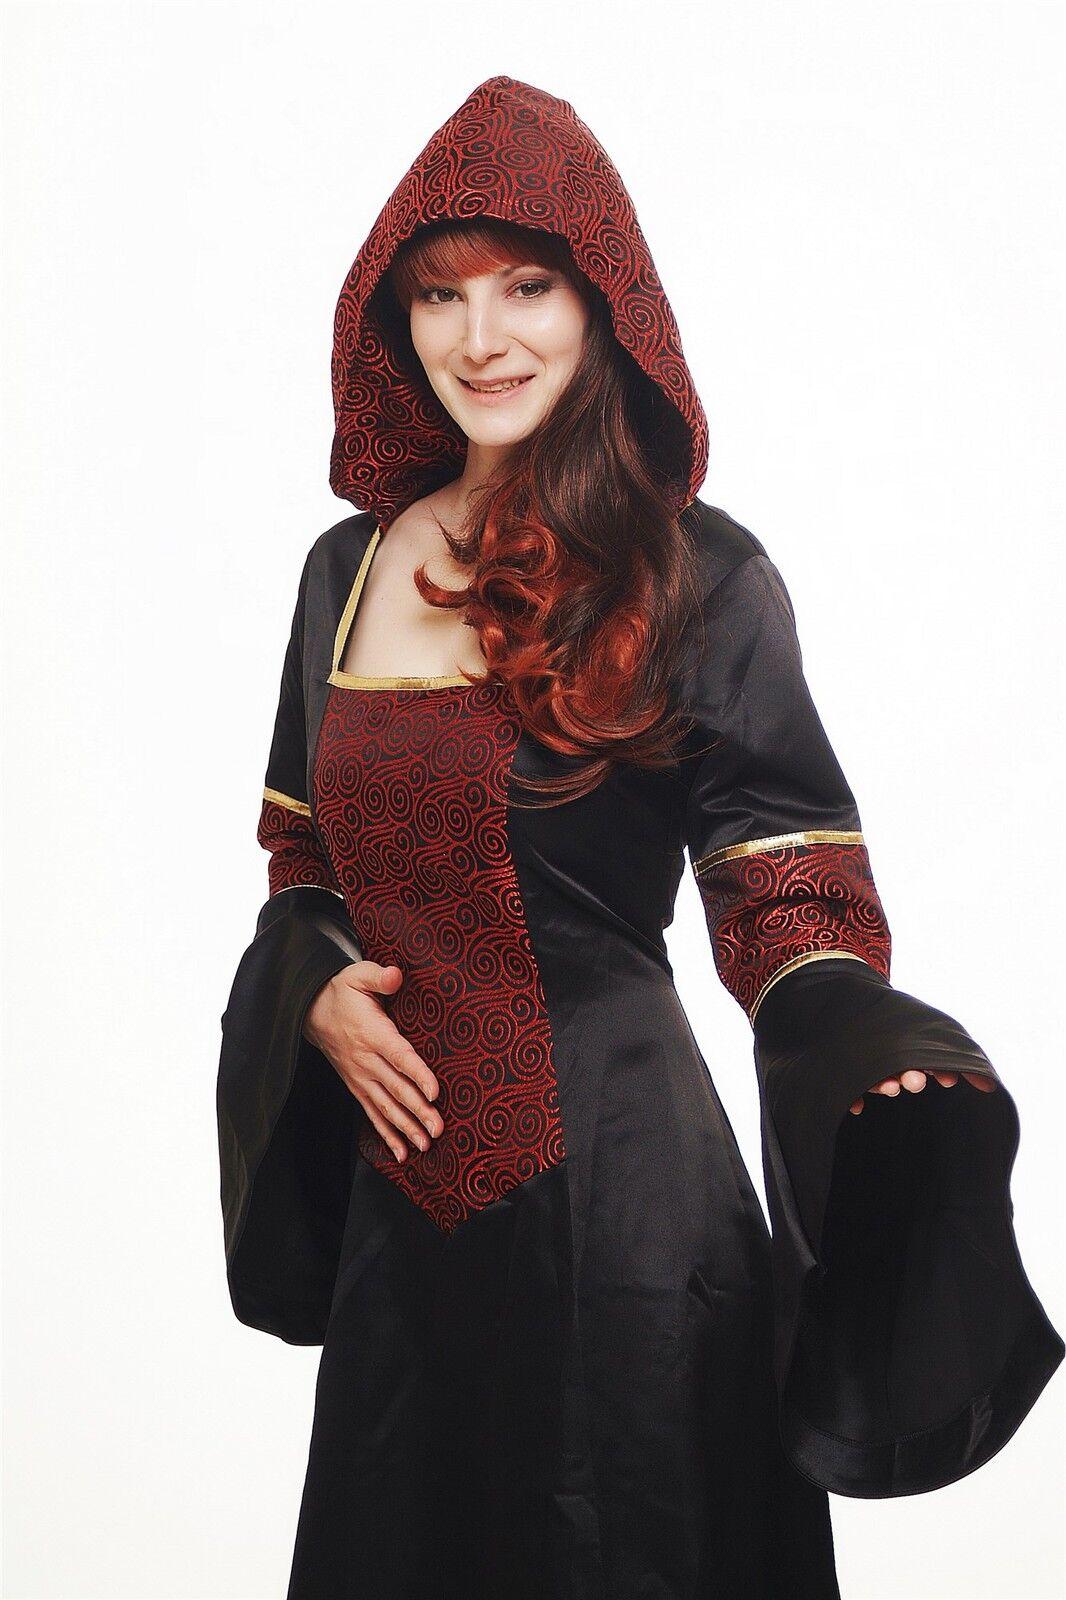 Kostüm Damenkostüm Kleid mit Haube Mittelalter Romantik Romantik Romantik Elfe Gothic L076 NEU | Die erste Reihe von umfassenden Spezifikationen für Kunden  | Tadellos  | Bestellungen Sind Willkommen  f25eae